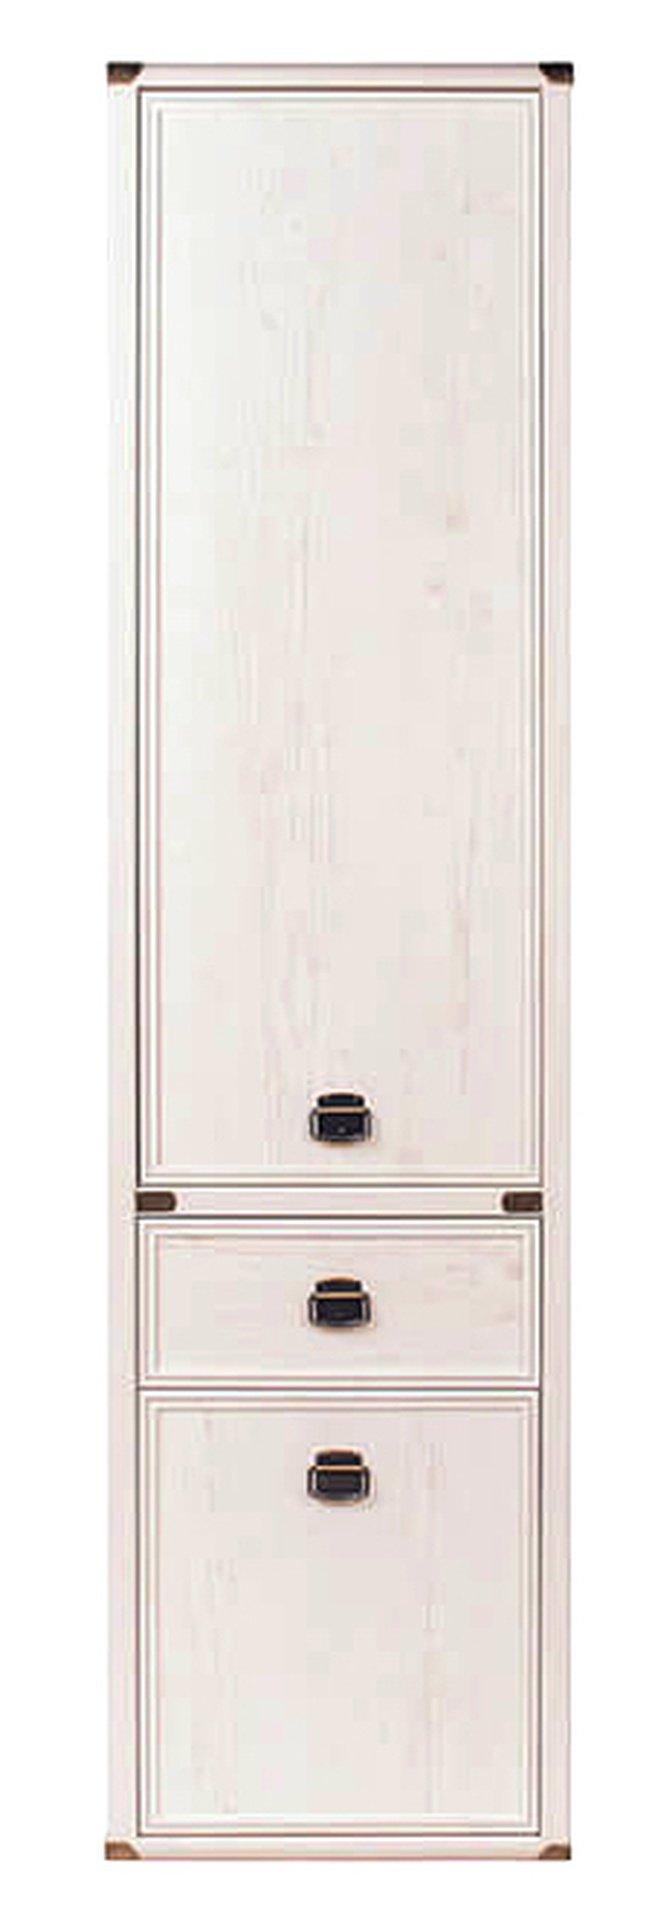 Шкаф-пенал с ящиком Магеллан 2D1S, сосна винтаж фото